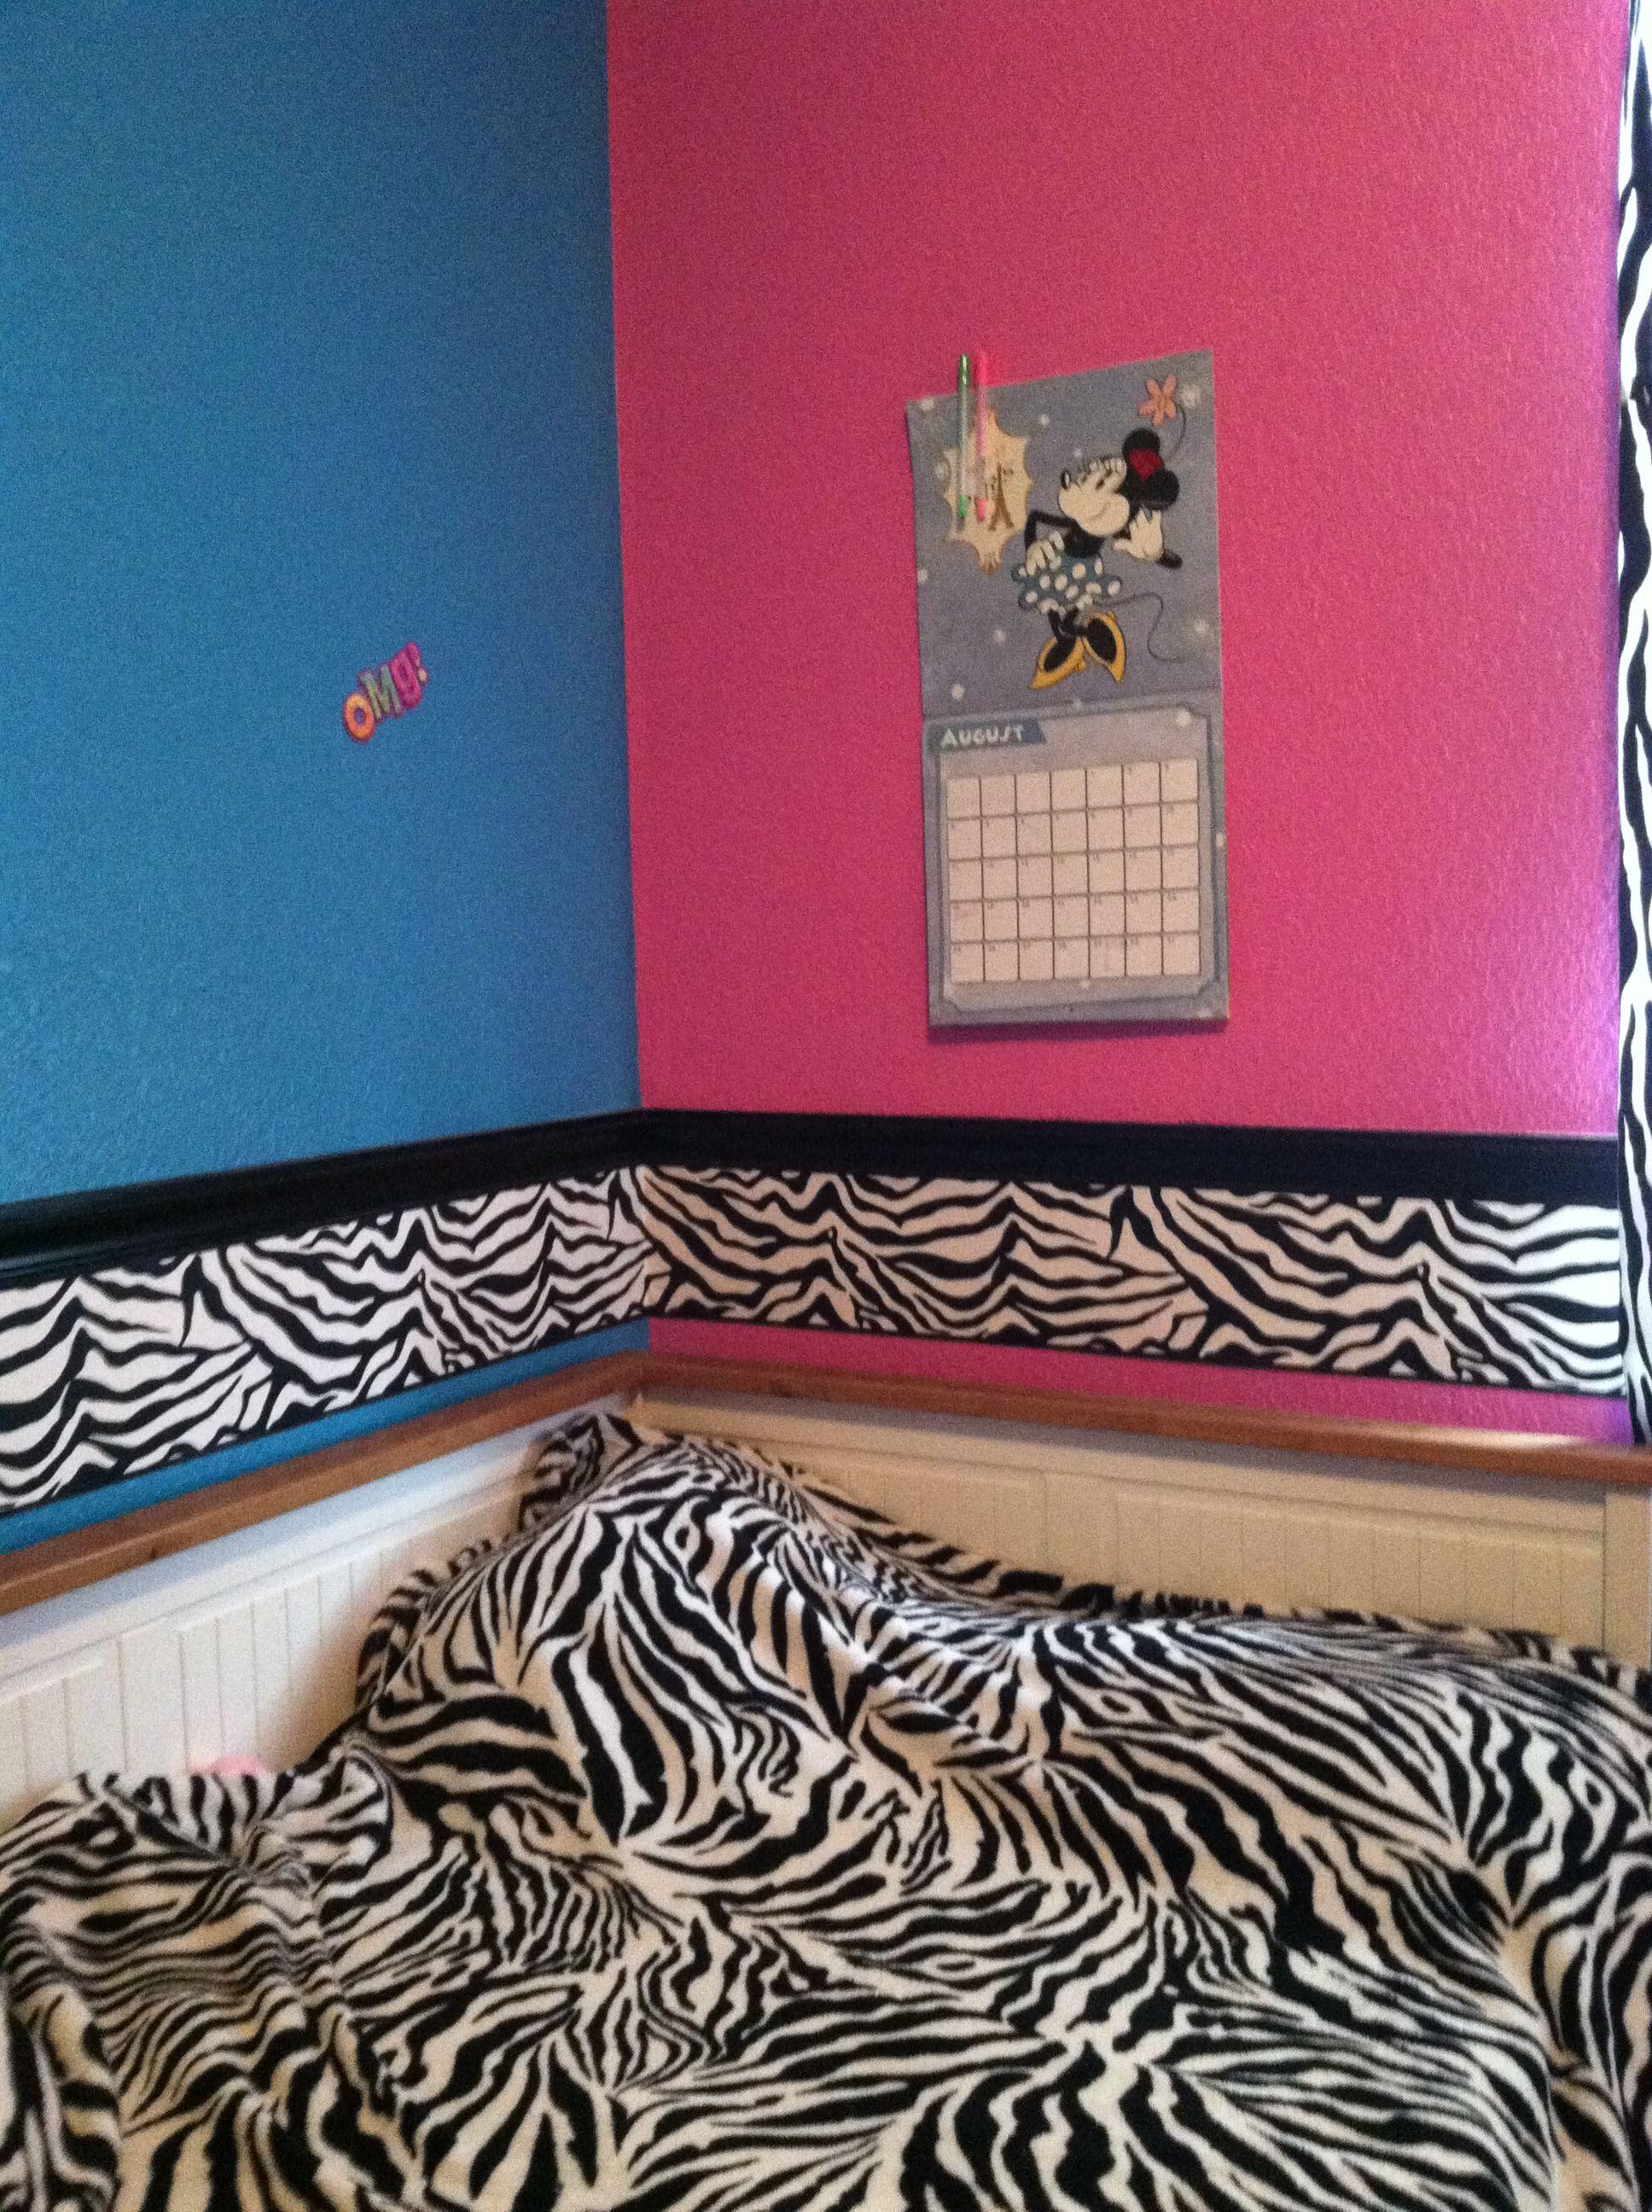 Cure Zebra Bedroom Bedroom Bedroom Decor Blue Room Decor